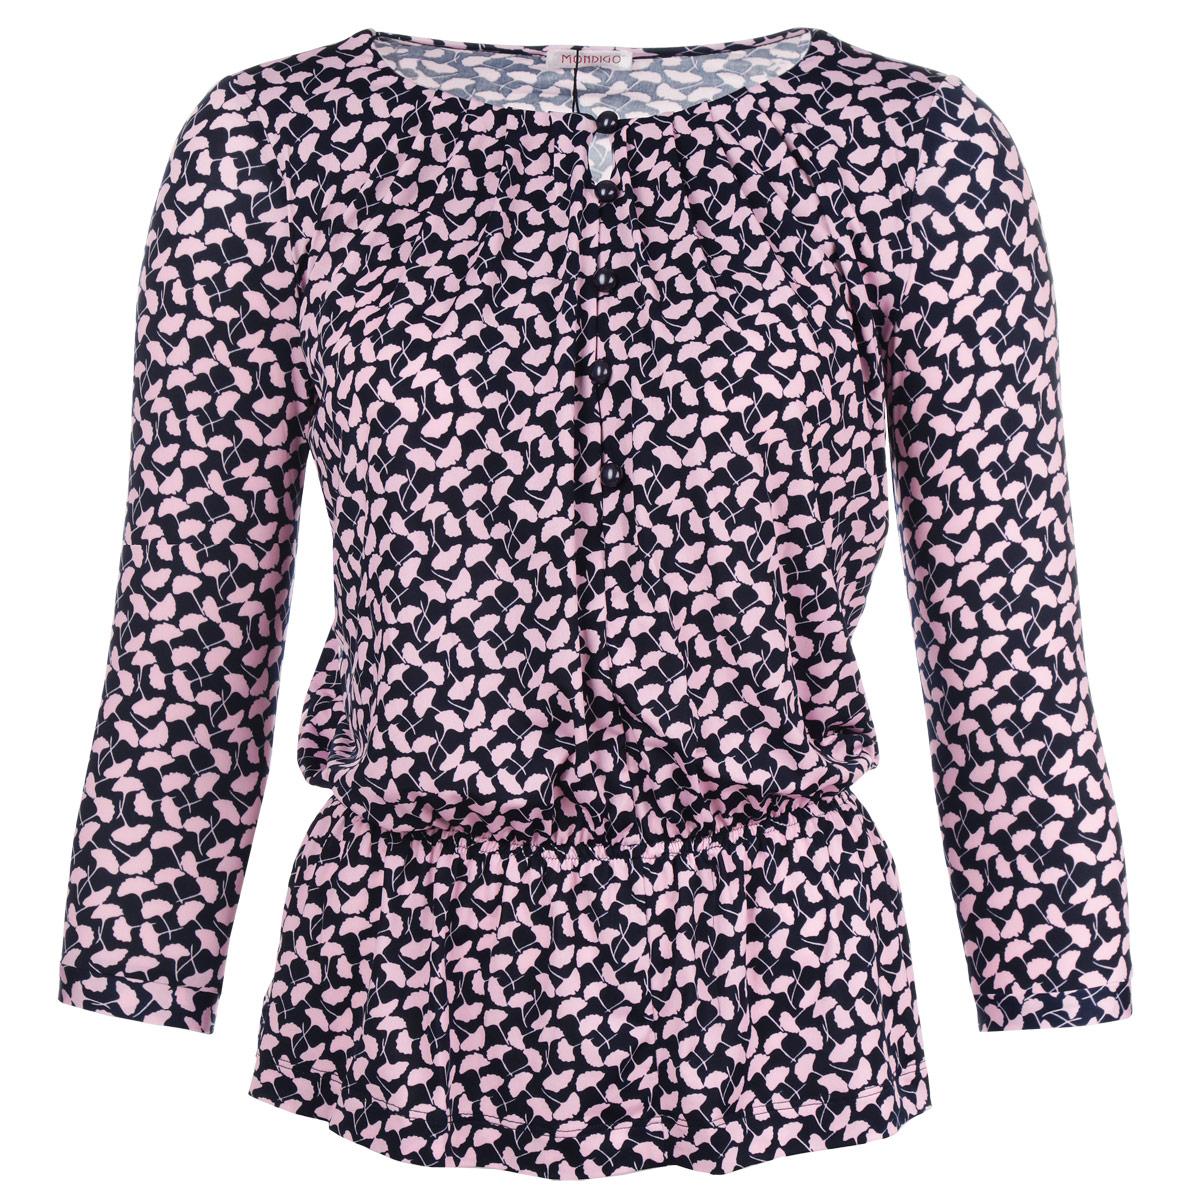 Блузка женская. 70717071-2Стильная блузка Mondigo, выполненная из высококачественного струящегося материала, обладает высокой теплопроводностью, воздухопроницаемостью и гигроскопичностью, позволяет коже дышать, обеспечивая наибольший комфорт. Модная блузка свободного покроя с круглым вырезом горловины и рукавами 3/4 поможет вам создать неповторимый образ в стиле Casual. На груди изделие застегивается на пуговицы. На талии предусмотрена эластичная резинка. Такая блузка будет дарить вам комфорт в течение всего дня и послужит замечательным дополнением к вашему гардеробу.